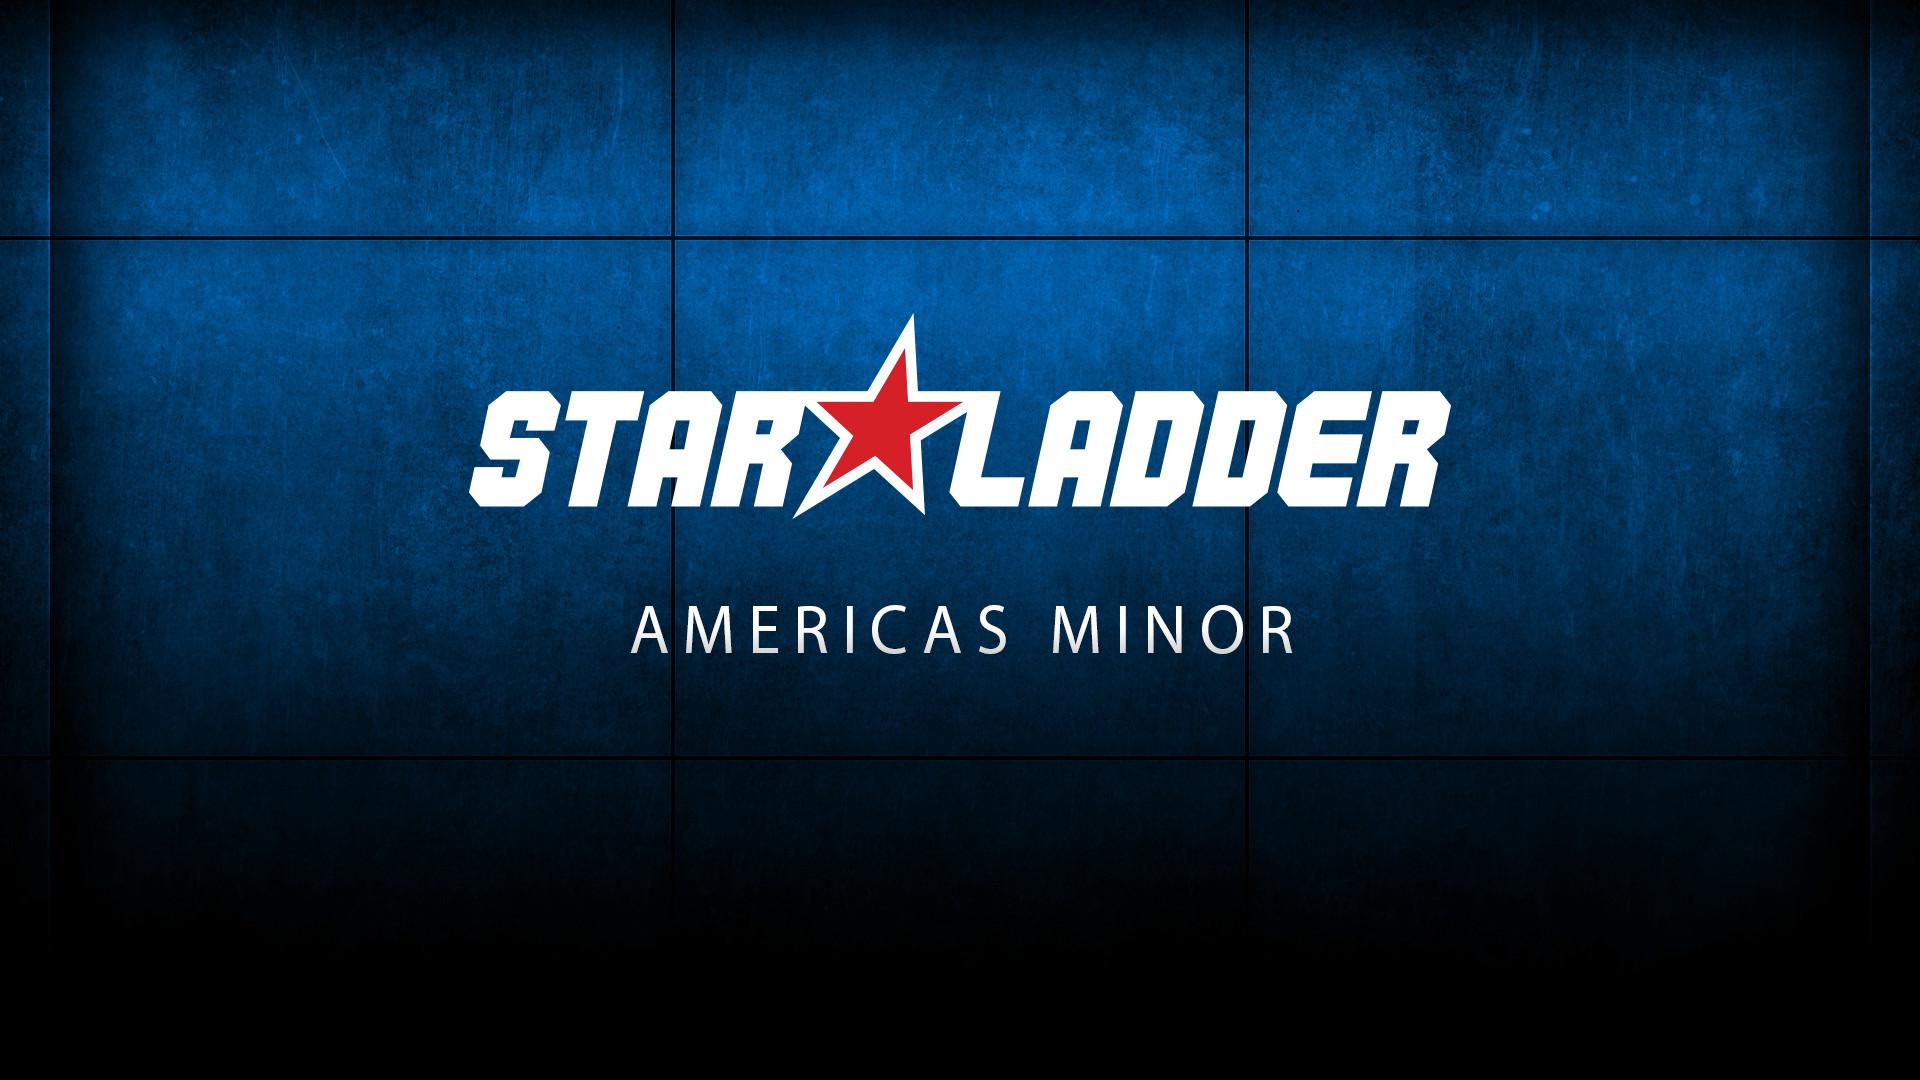 Starladder Minor Americas : La preview